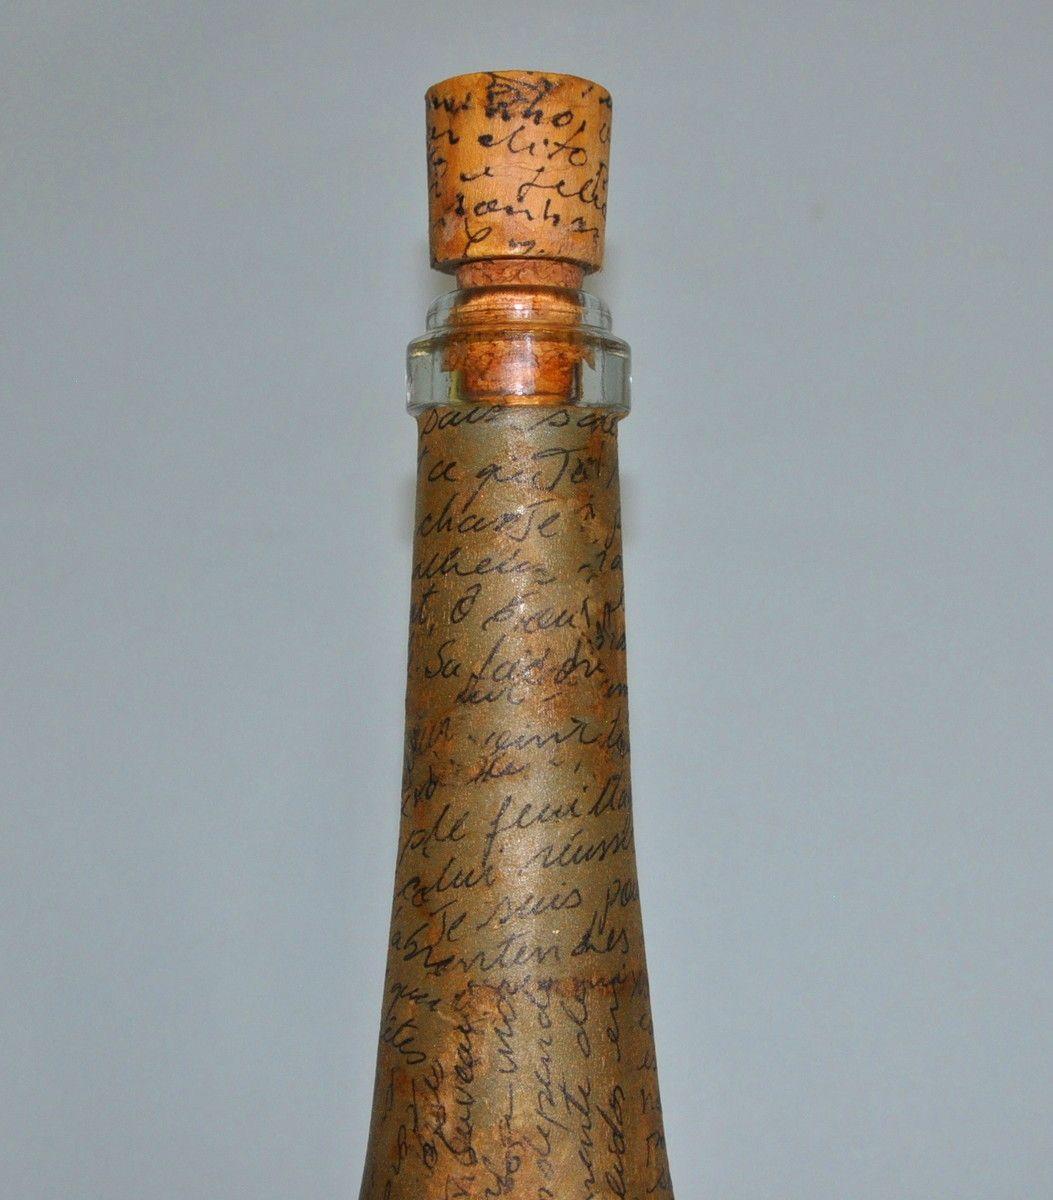 Reciclagem de garrafas, trabalhada com colagem, pode ser utilizada normalmente para servir ou decorar, acompanha tampa com base em madeira e rolha, também decorada..